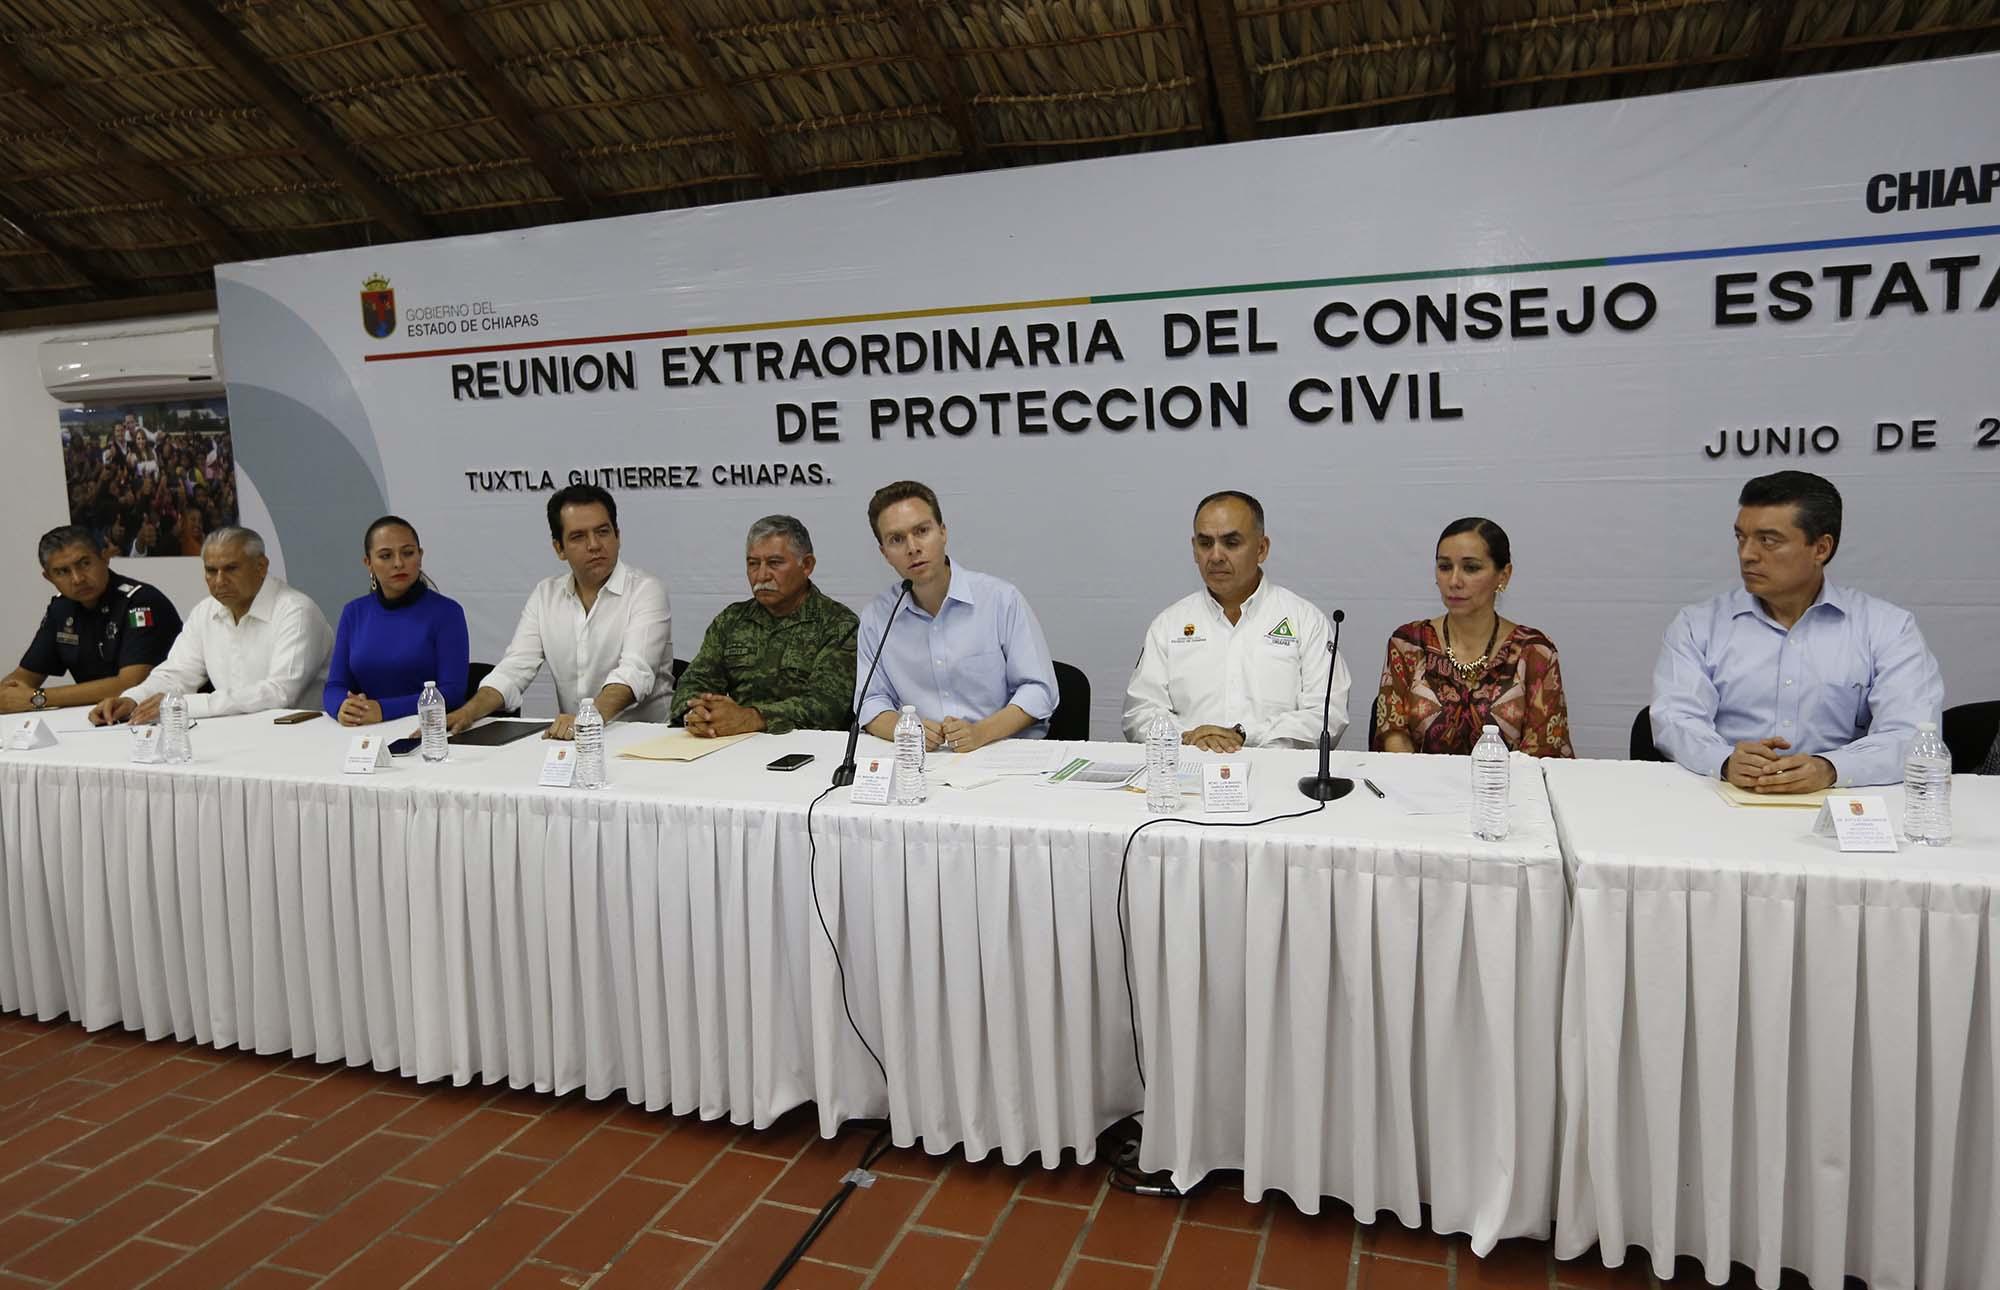 Tras afectaciones por sismo Gobierno de Chiapas solicita Declaratoria de Emergencia ante SEGOB